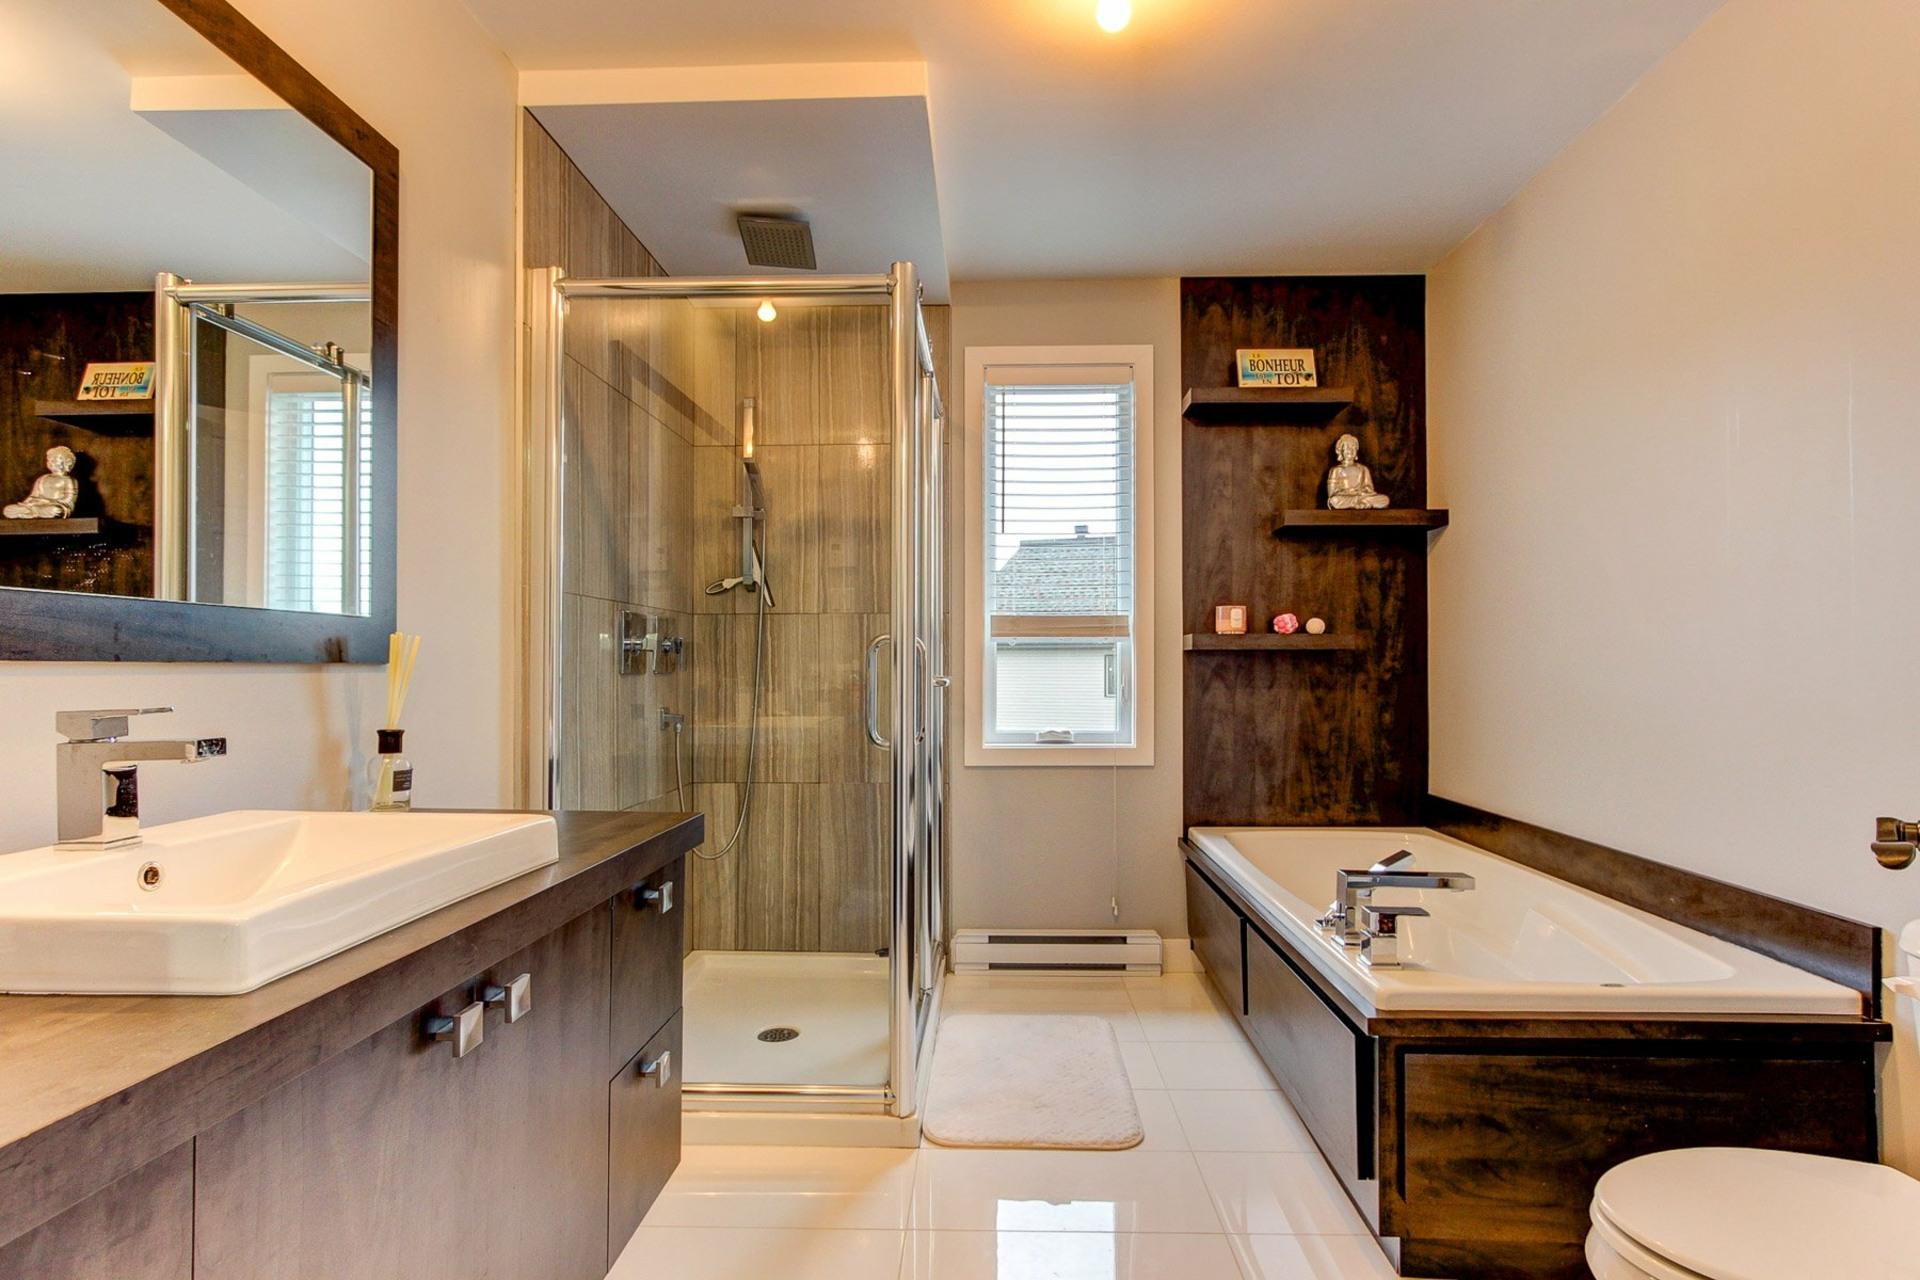 image 18 - Apartment For sale Trois-Rivières - 7 rooms